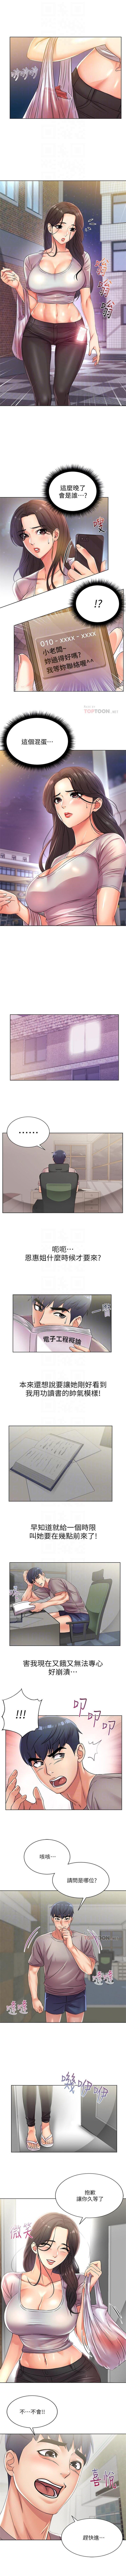 超市的漂亮姐姐 1-27 官方中文(連載中) 127